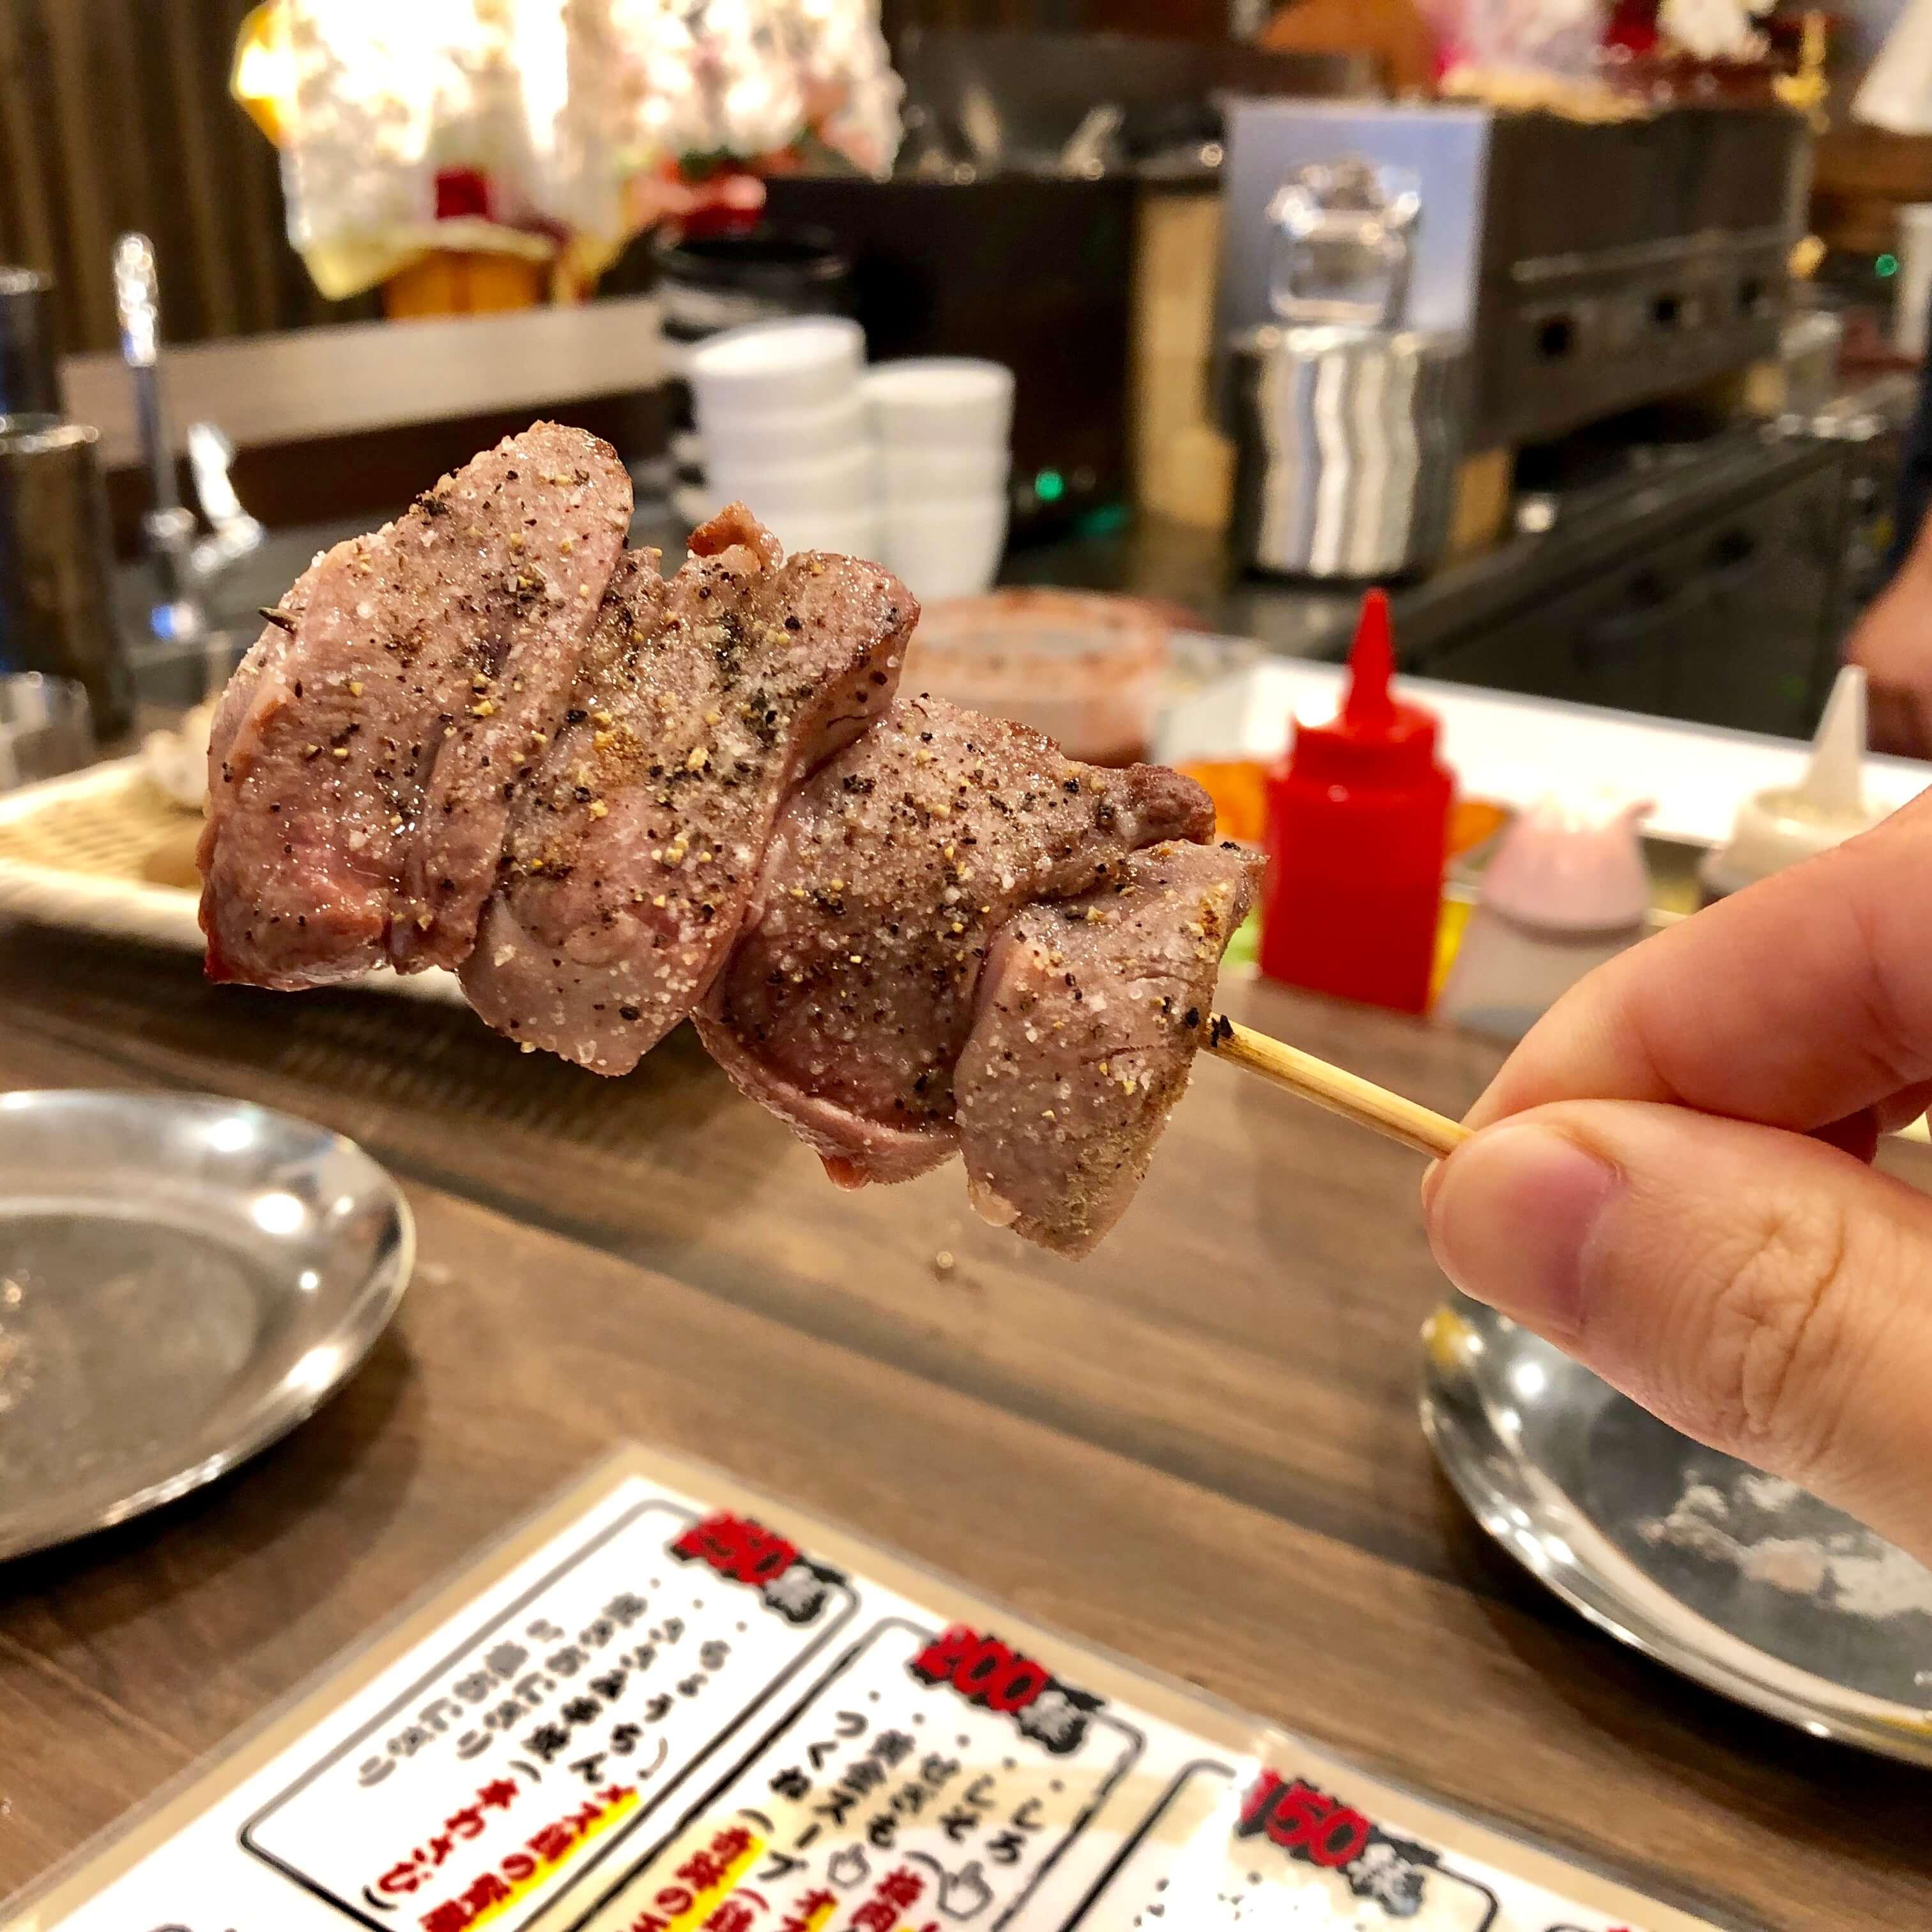 上尾駅西口の焼き鳥専門店『鳥八』をレポ!メニューは100円からで希少部位も多い!